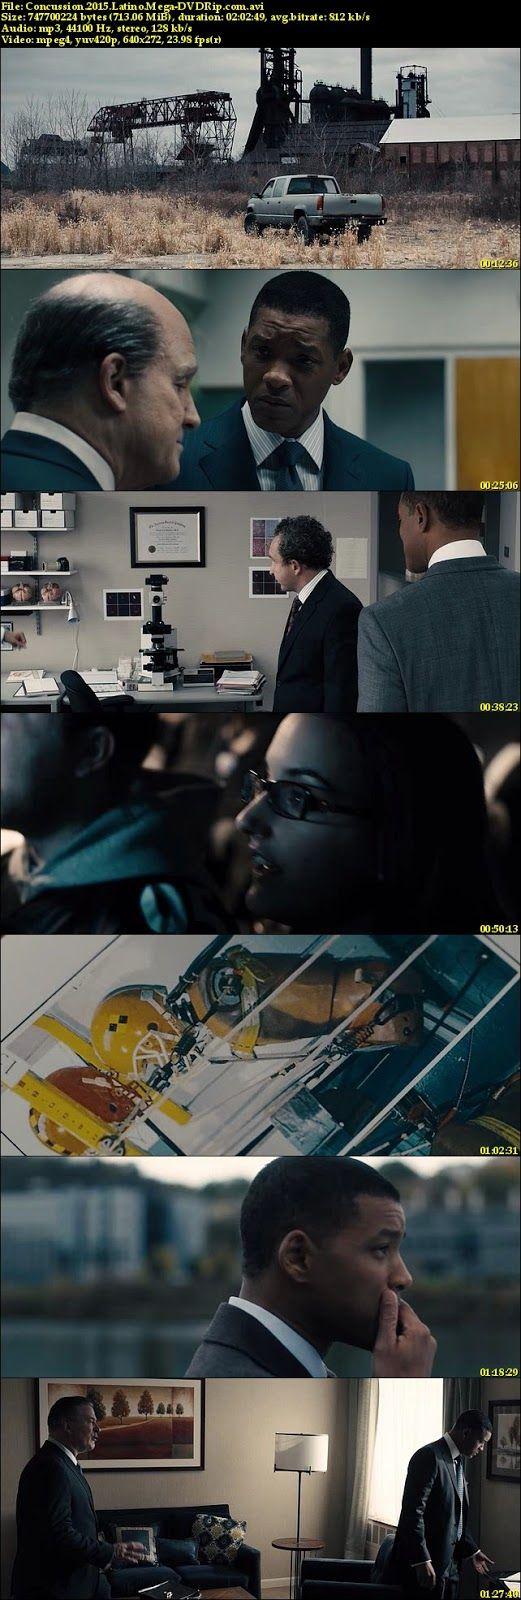 Acerca de La Verdad Oculta (Concussion) El Dr. Bennet Omalu (Will Smith) es un neuropatólogo forense que descubrió el síndrome postconmoción cerebral, que tanto daño causó a numerosos jugadores de fútbol americano, provocando incluso el suicidio de muchas estrellas de la liga NFL afectadas por el síndrome, como Dave Duerson...